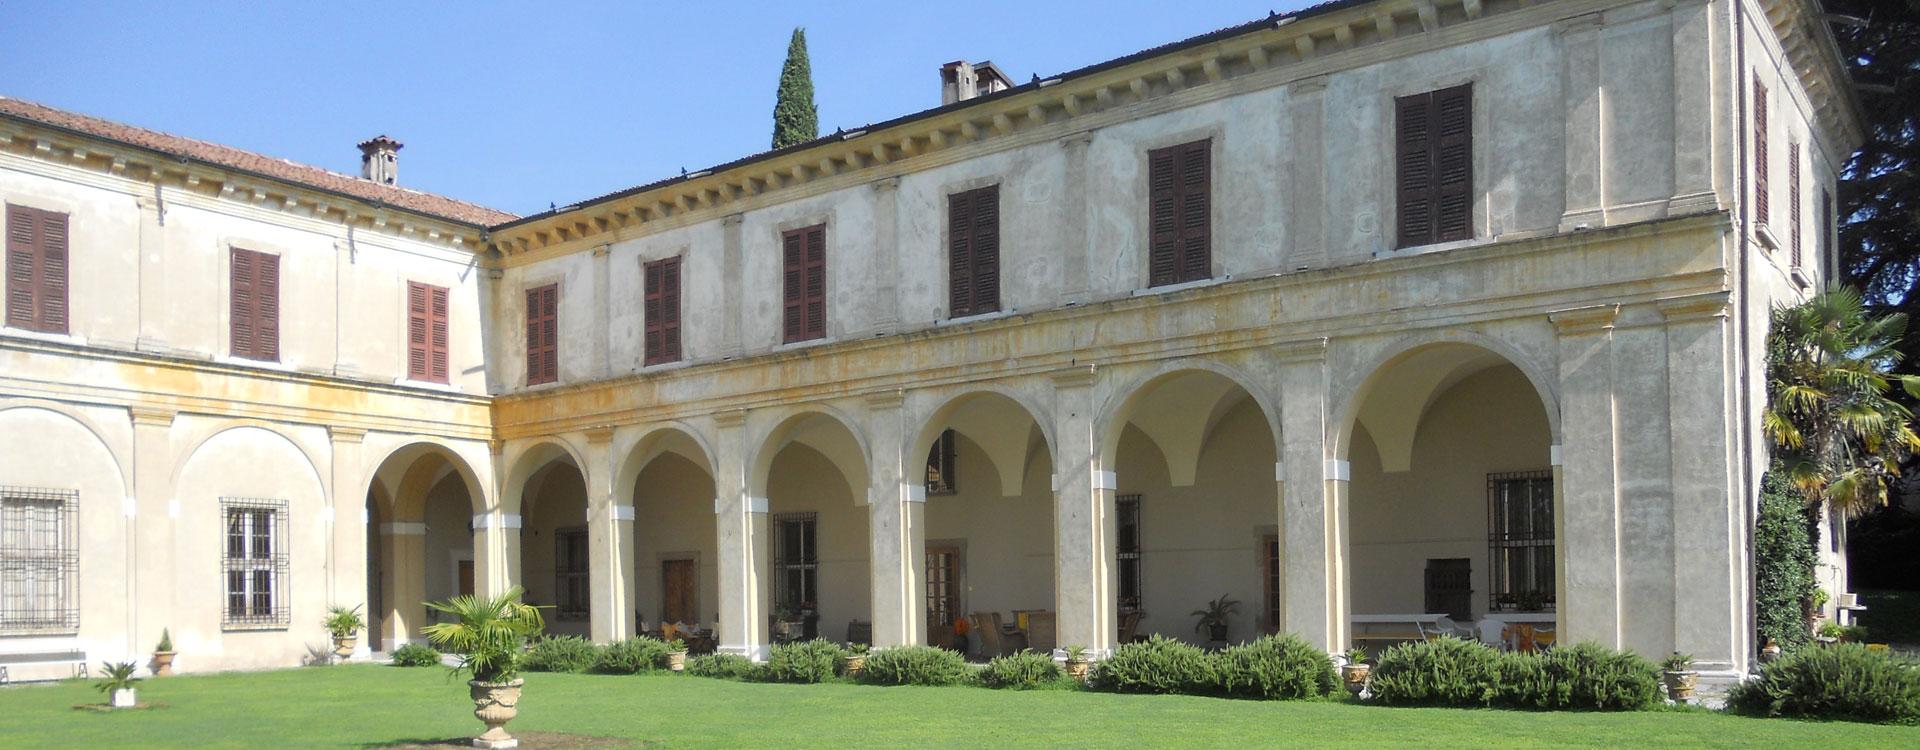 Palazzo Secco D'Aragona<br> Expo 2015